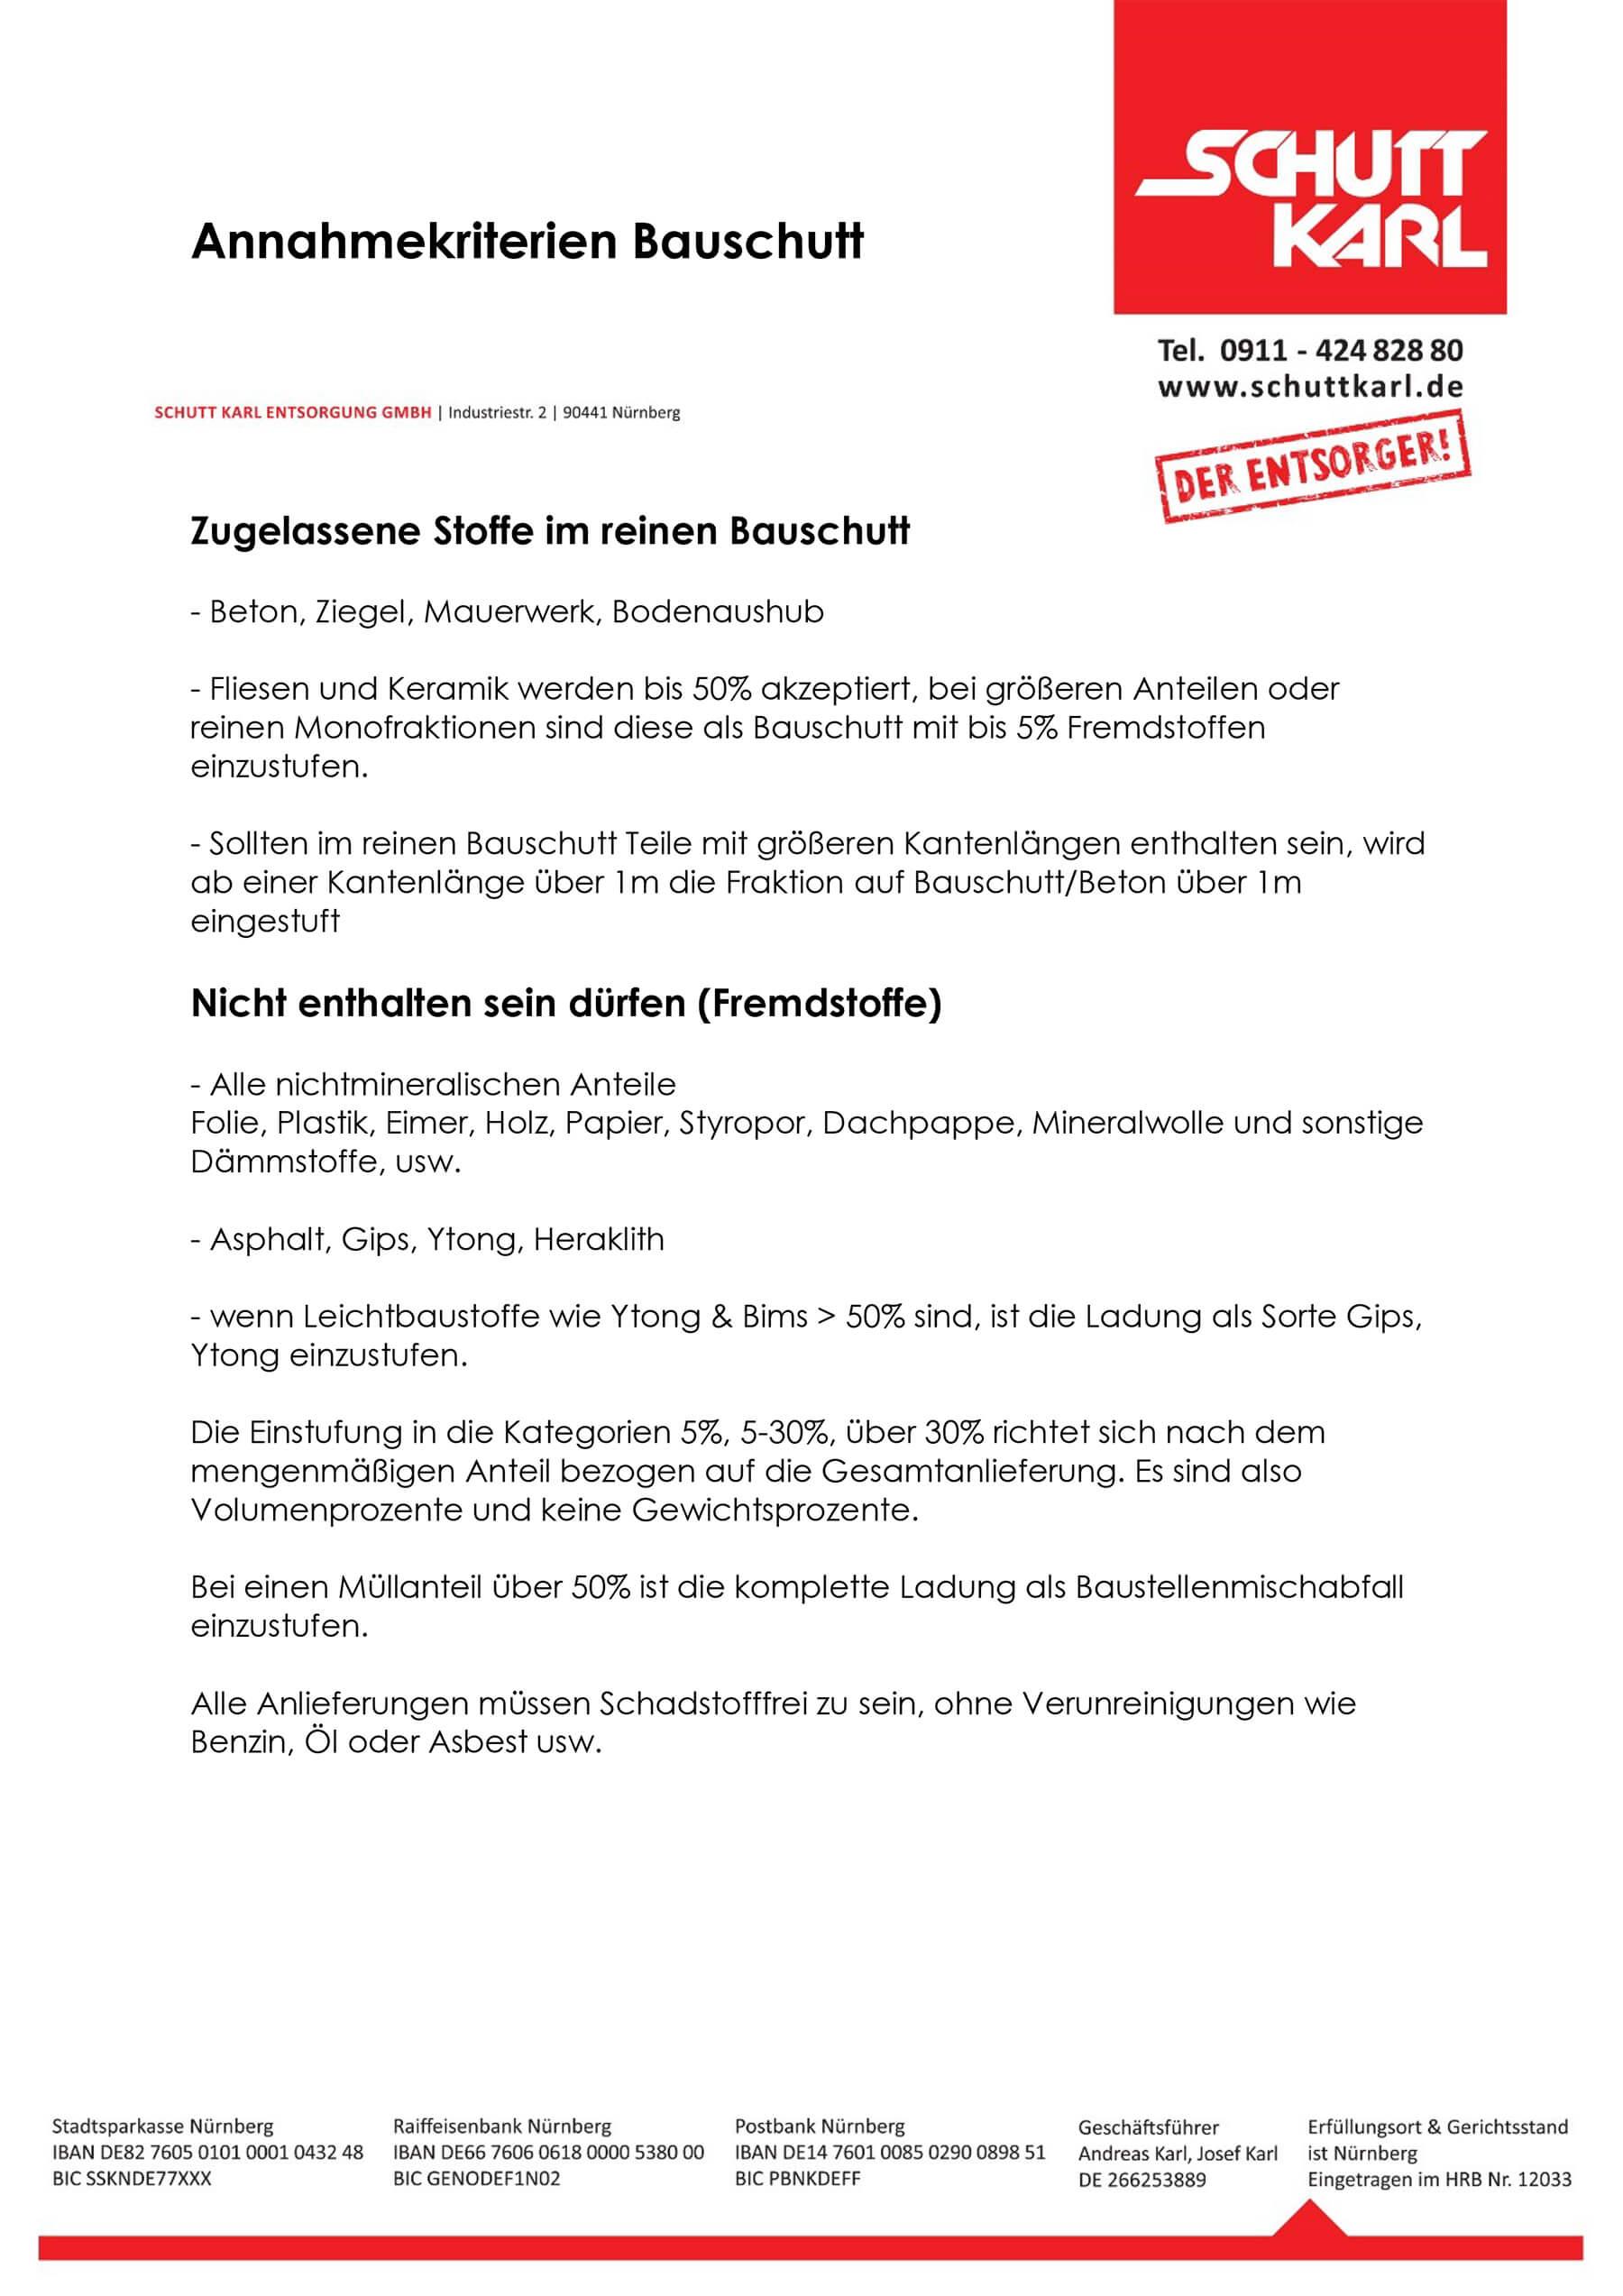 Schutt Karl | Annahmekriterein Bauschutt